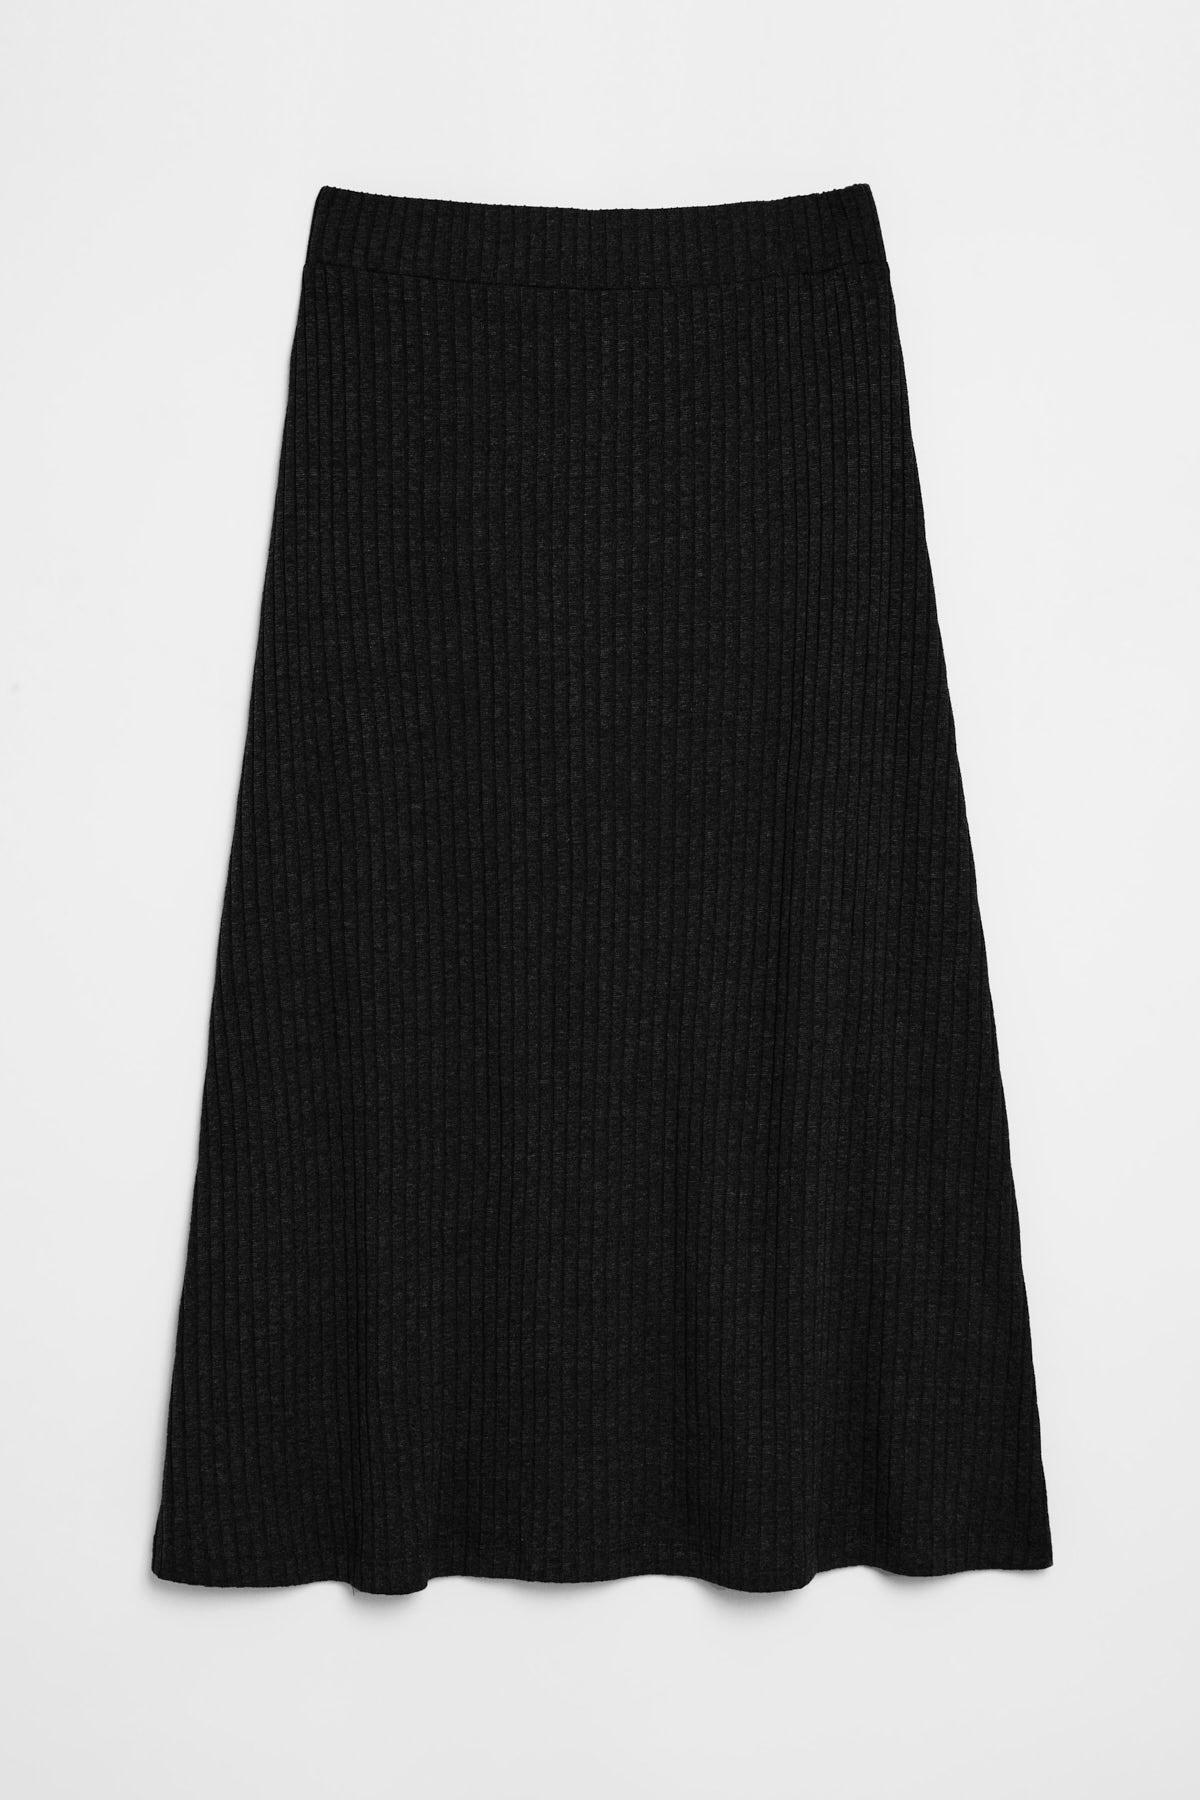 GRIMELANGE OLIVA Kadın Triko Görünümlü Önü  Düğmeli  Siyah Etek 1